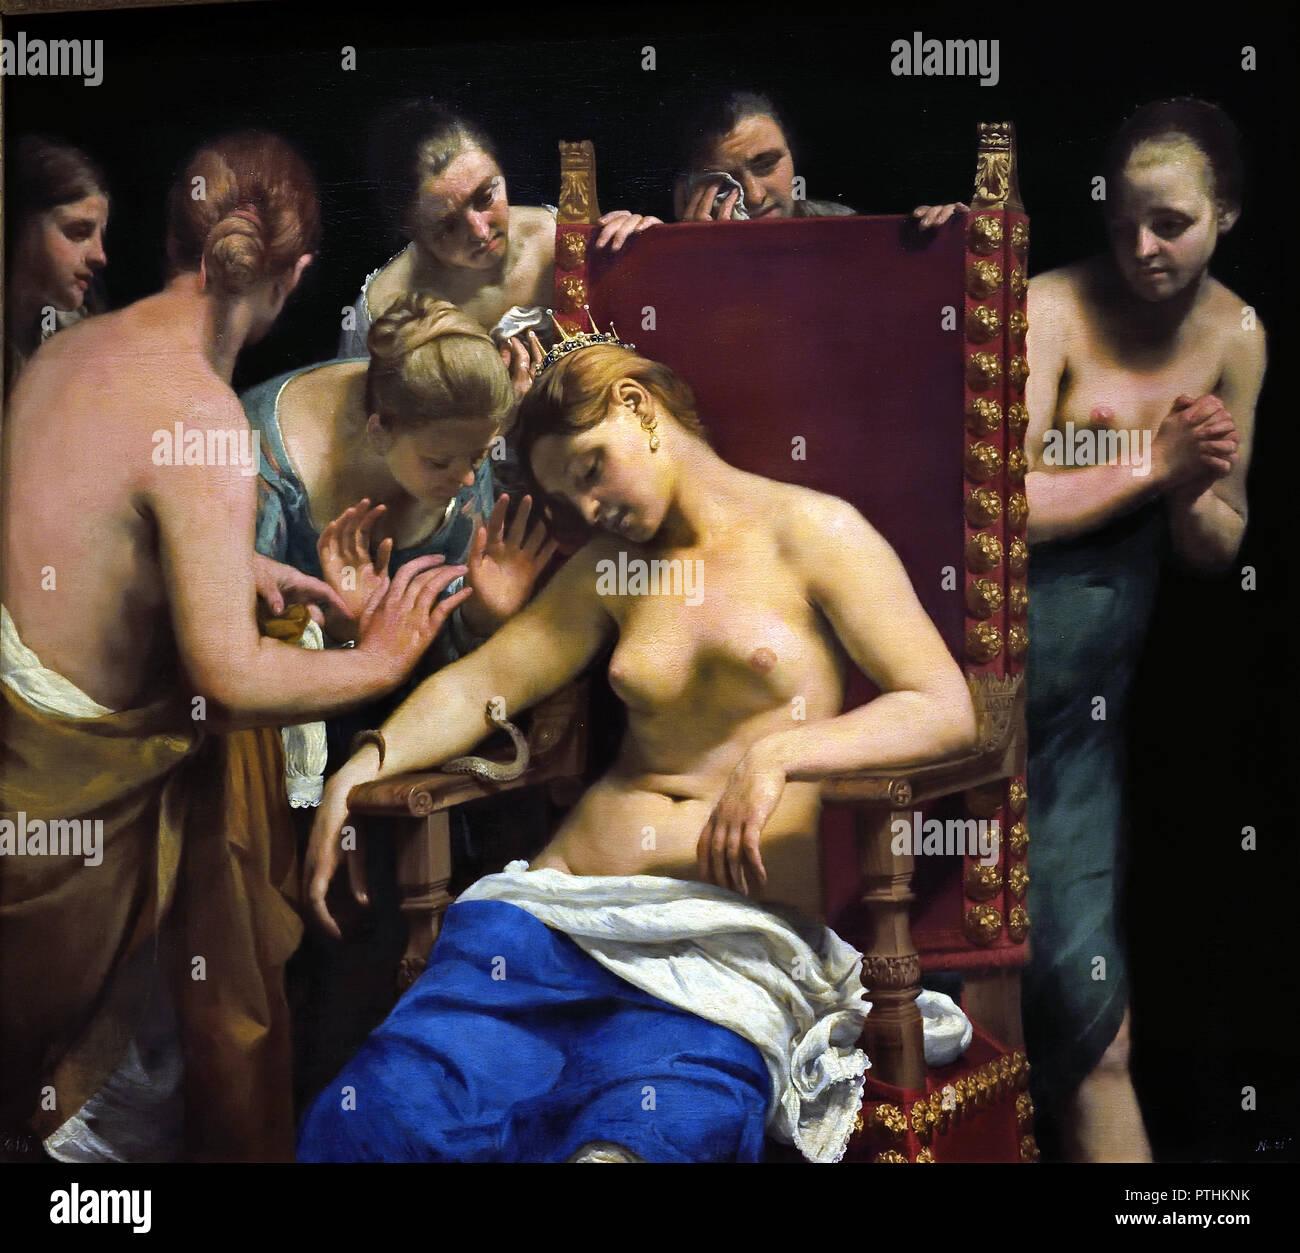 Der Tod der Kleopatra VII., Herrscher des ptolemäischen Ägypten, trat auf entweder 30 v. Chr. in Alexandria, als sie 39 Jahre alt war. Cleopatra Selbstmord begangen, indem es einen Asp (ägyptische Kobra), sie zu beissen. Guido Cagnacci 1601-1663 Italien, Italienisch. (Königin der ptolemäischen Reich) (Kleopatra VII Philopator 69 - 30 v. Chr. Pharao Ägypten) Stockbild